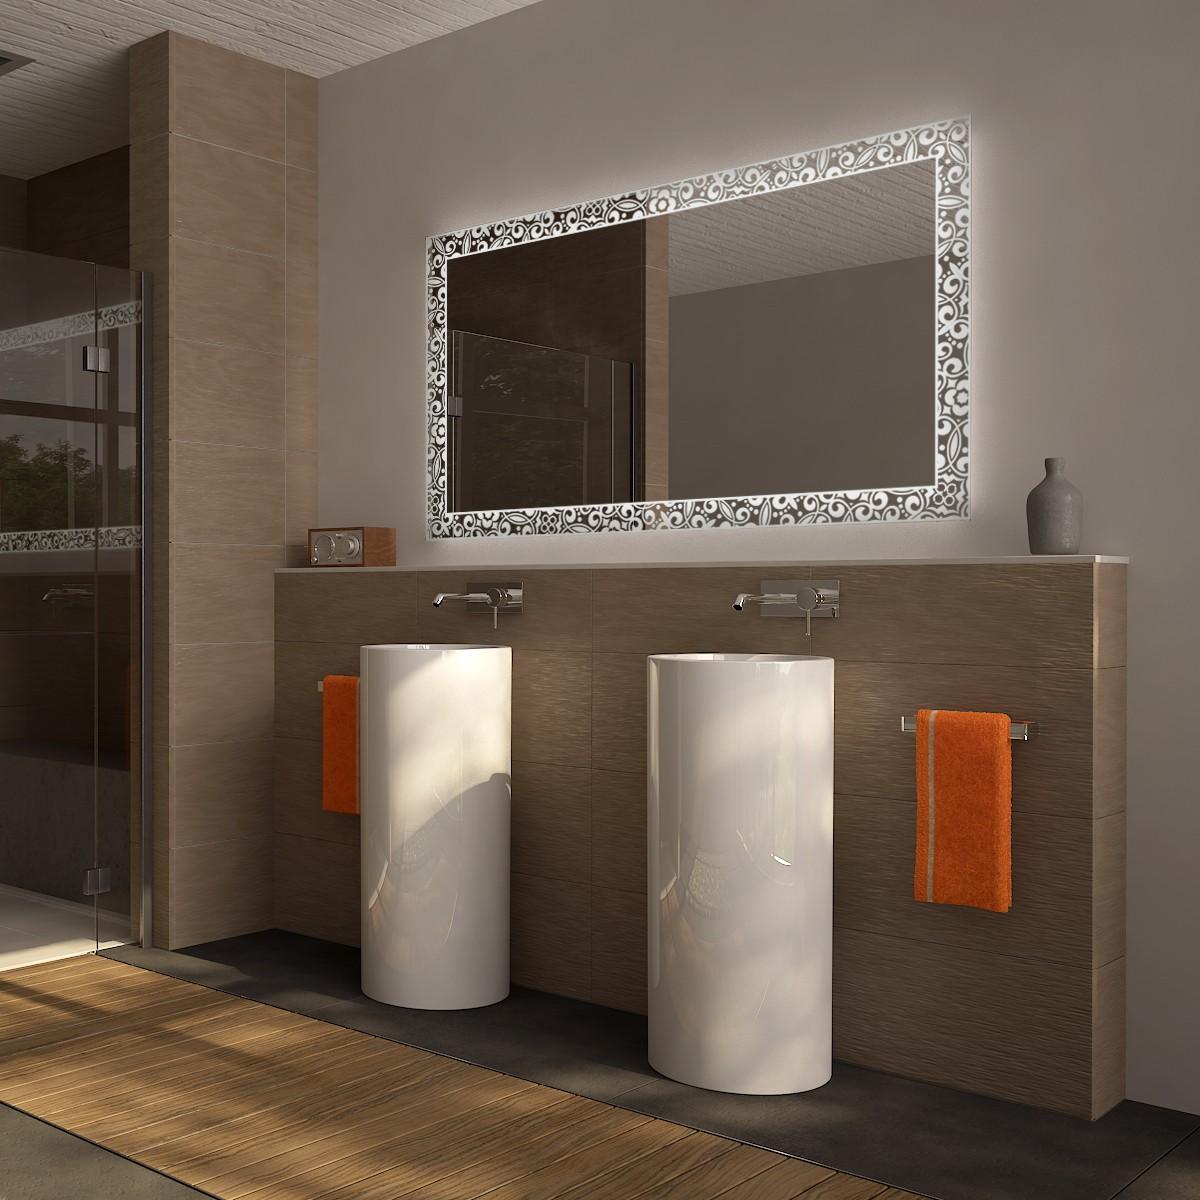 Spiegel Mit Led Beleuchtung Euralia Badspiegel Kaufen Badspiegel Shop Badspiegel Nach Mass